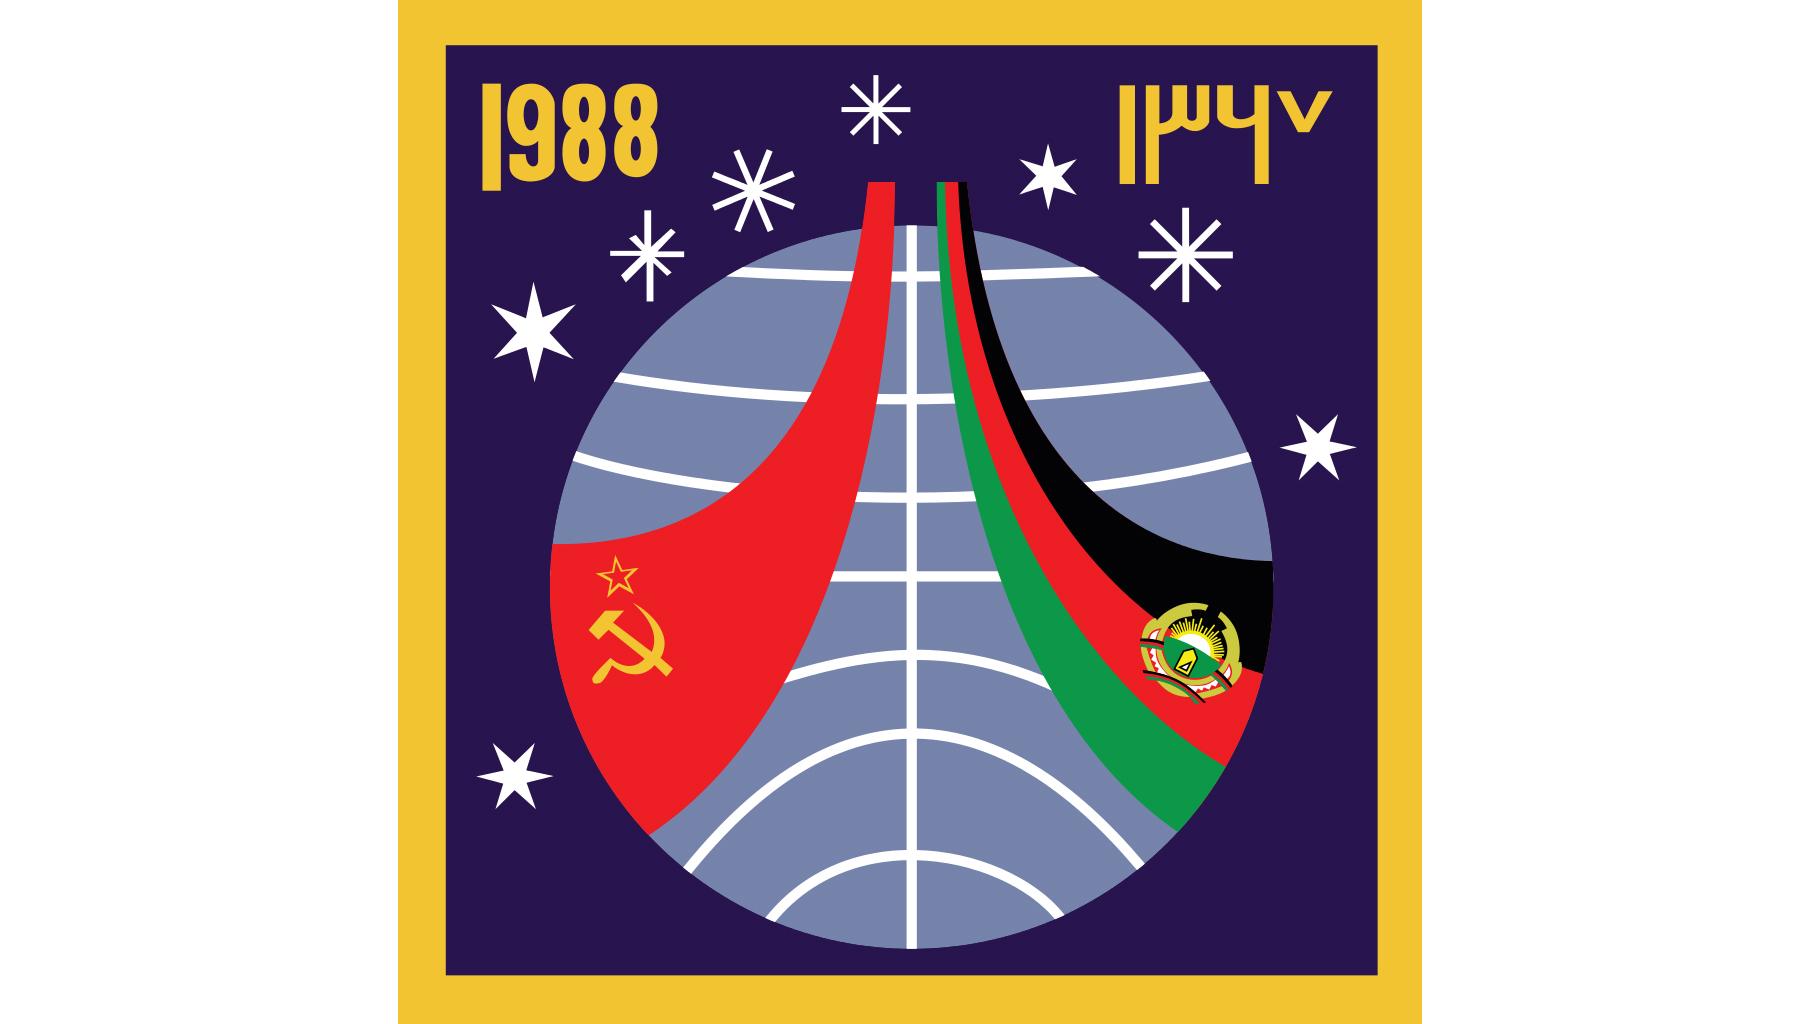 """Эмблема советско-афганской экспедиции на станцию """"Мир"""" в 1988 году. Союз ТМ-6 Фото ©wikipedia"""